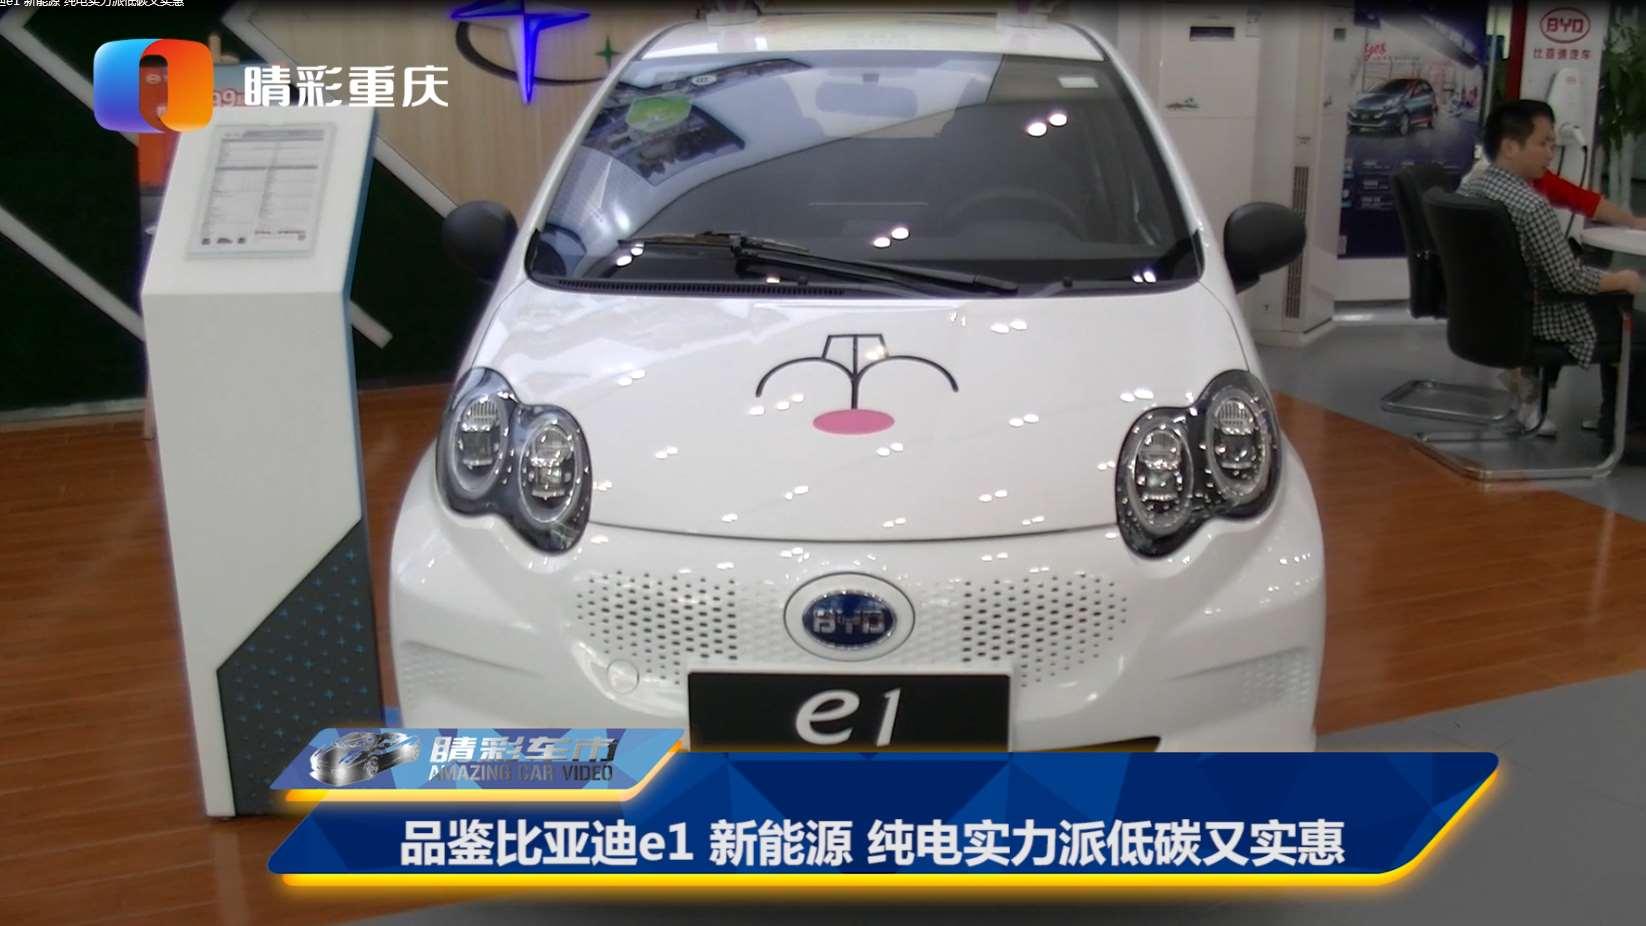 品鉴比亚迪e1?新能源 纯电实力派低碳又实惠